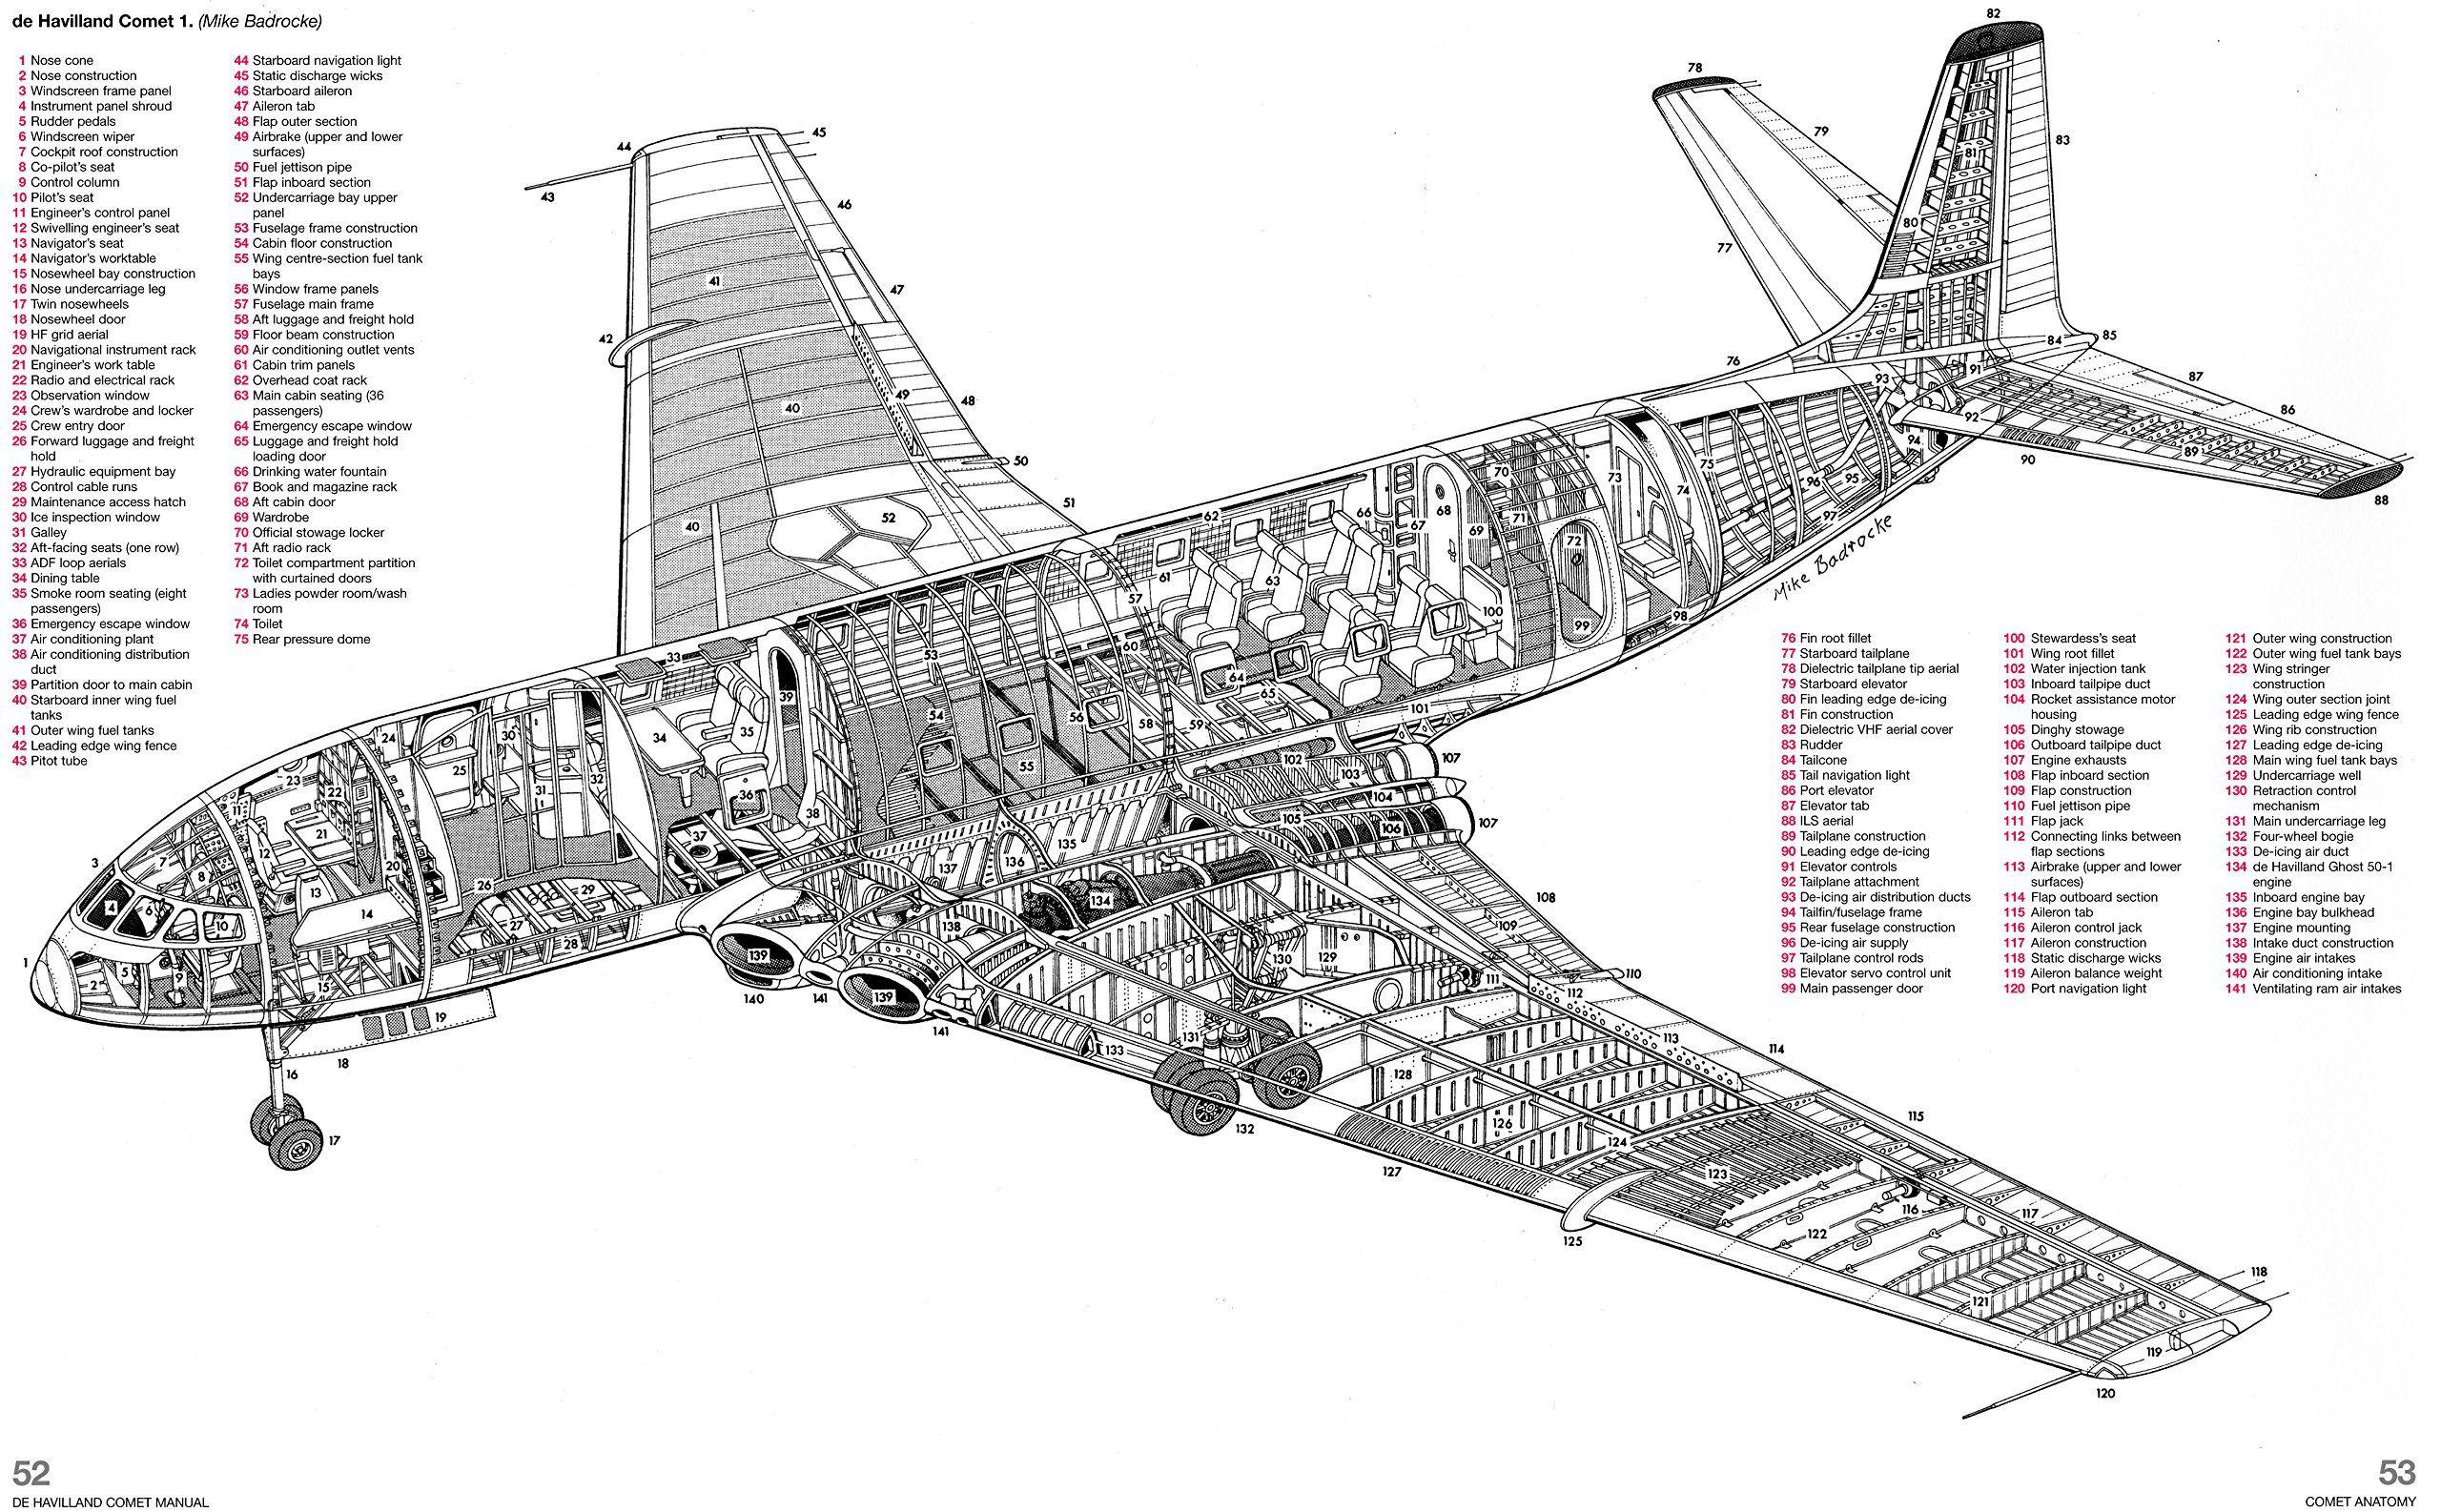 De Havilland Comet 1 Cutaway